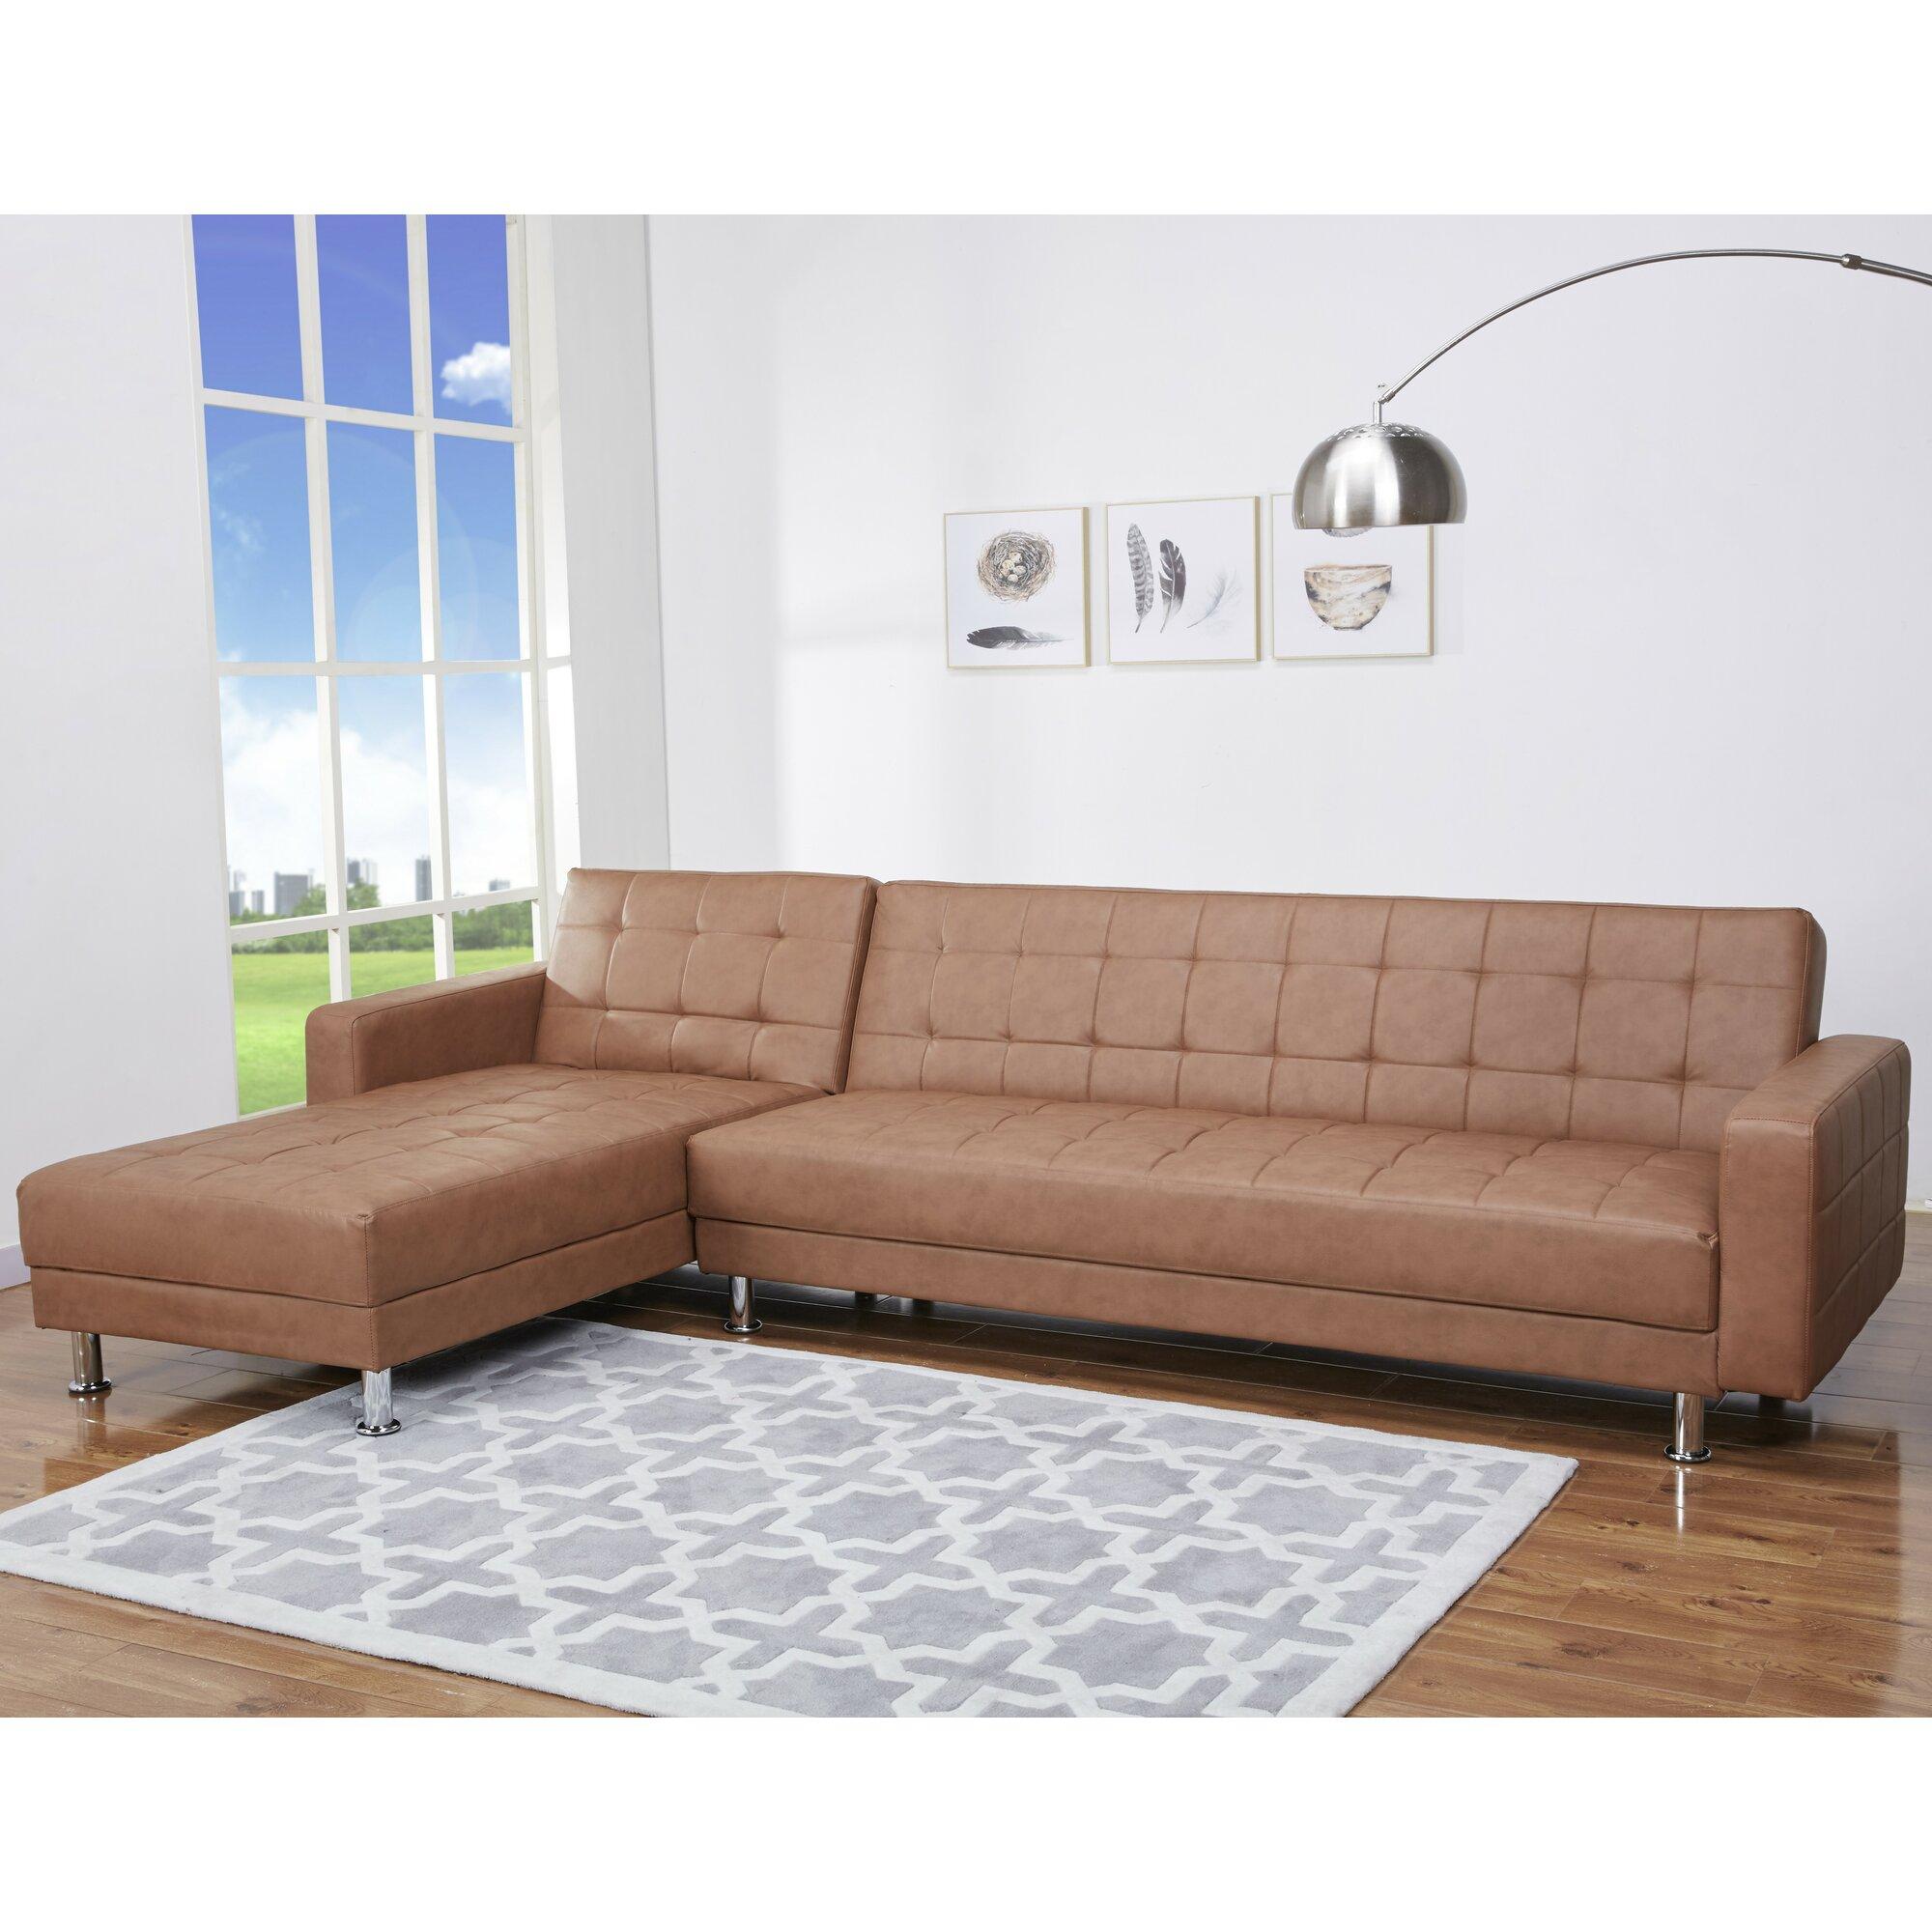 leader lifestyle ecksofa spencer mit bettfunktion. Black Bedroom Furniture Sets. Home Design Ideas